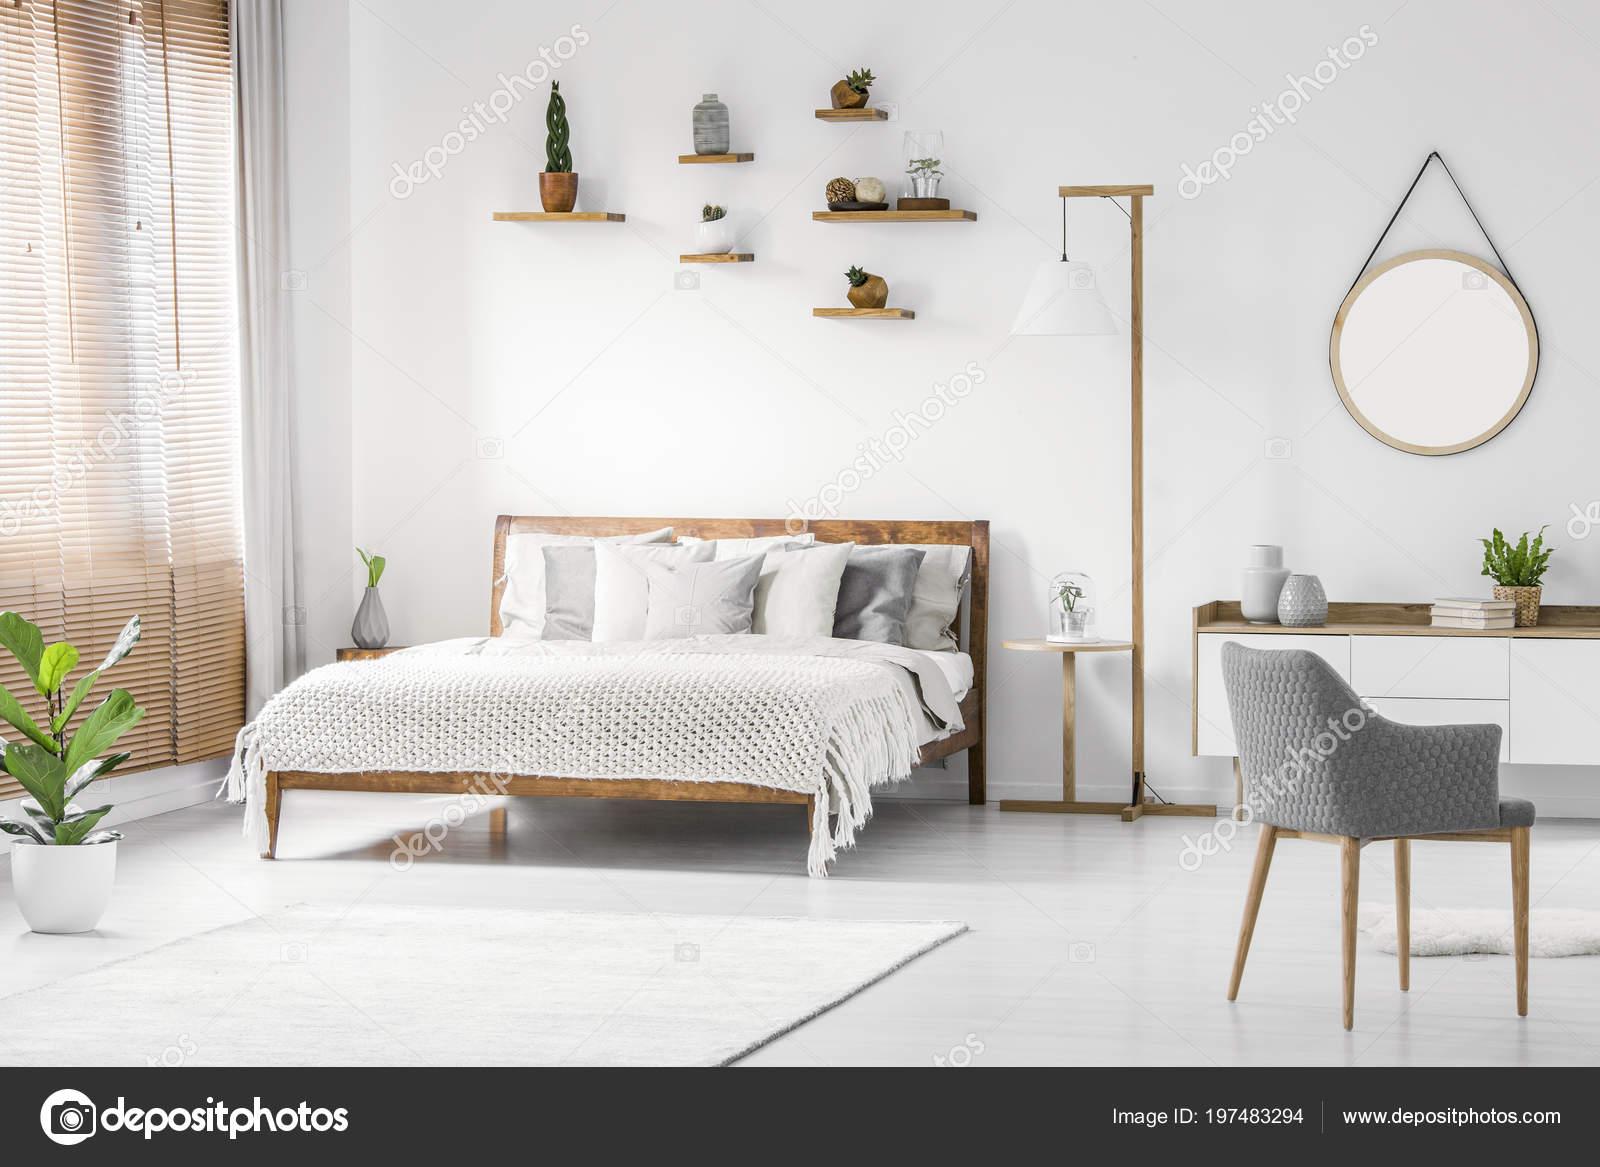 Camera Da Letto Legno Naturale : Vista frontale interno luminoso naturale camera letto con letto